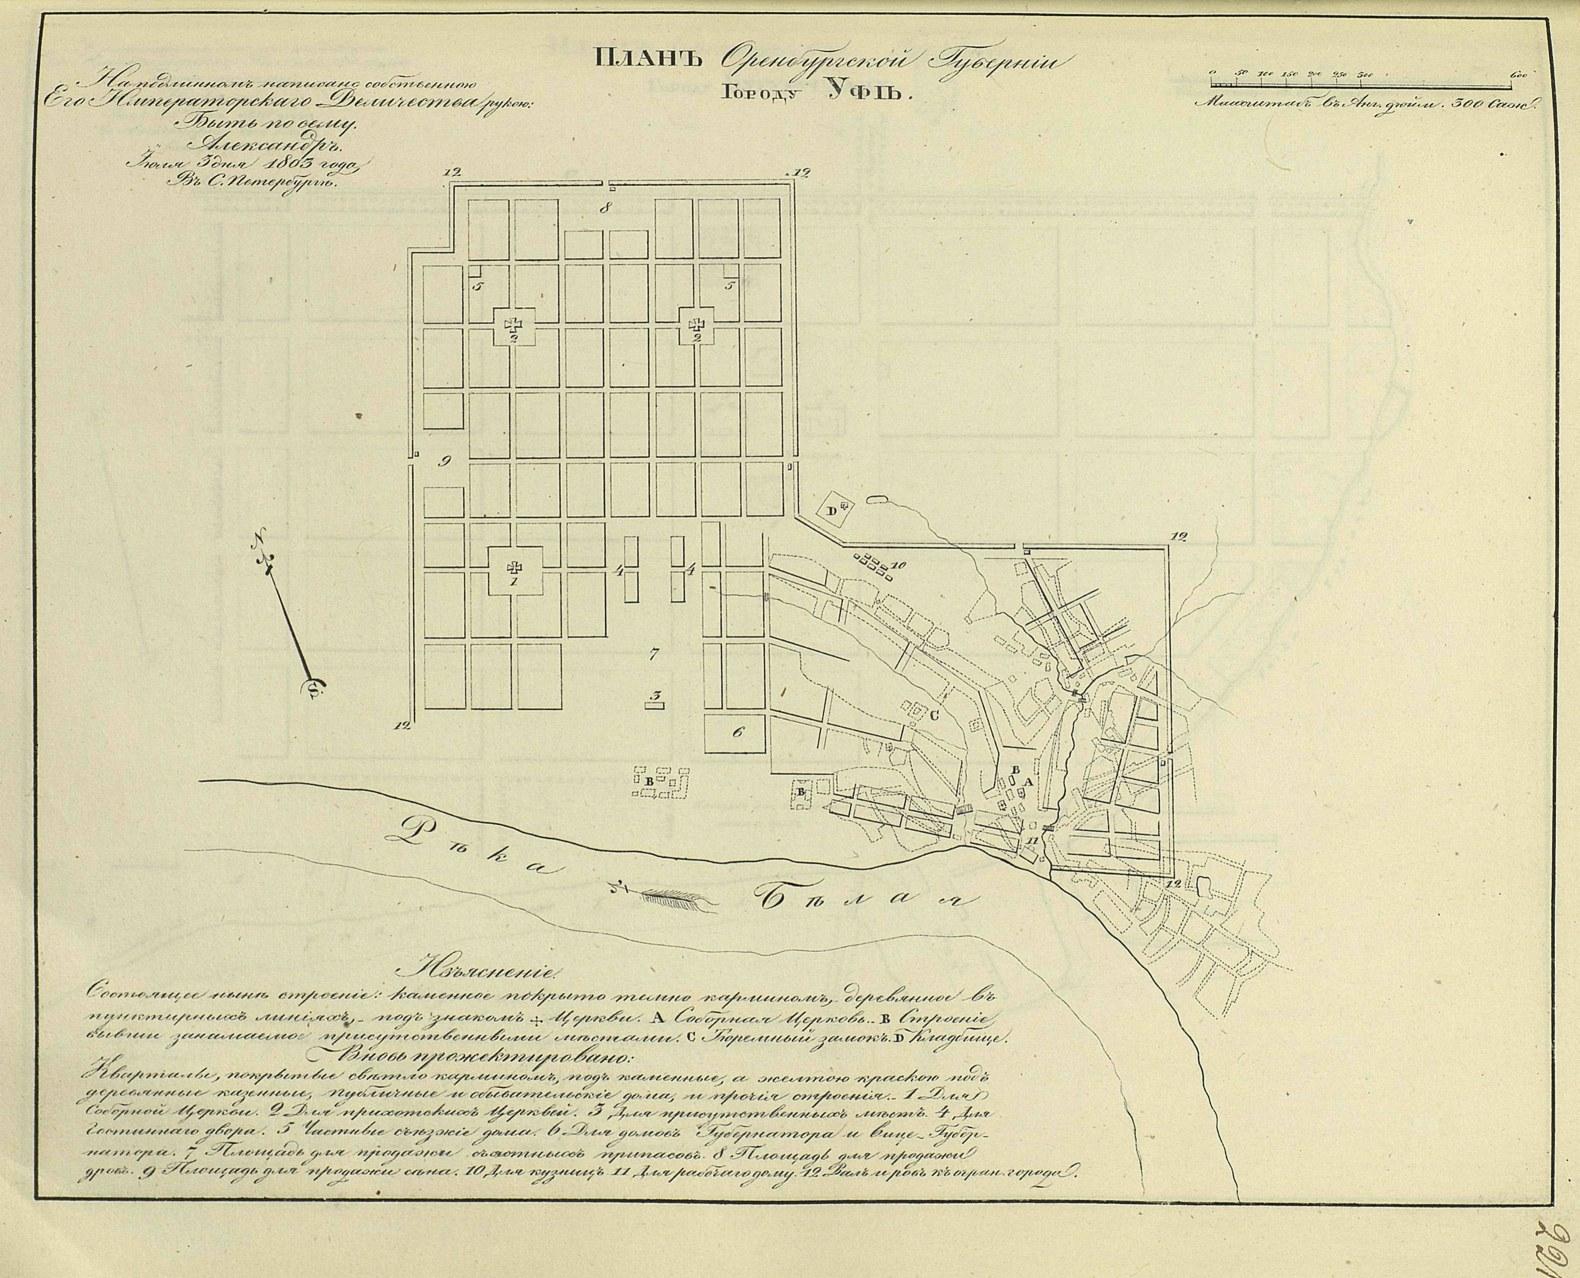 План города Уфы 1839 года. Из Полного собрания законов Российской империи